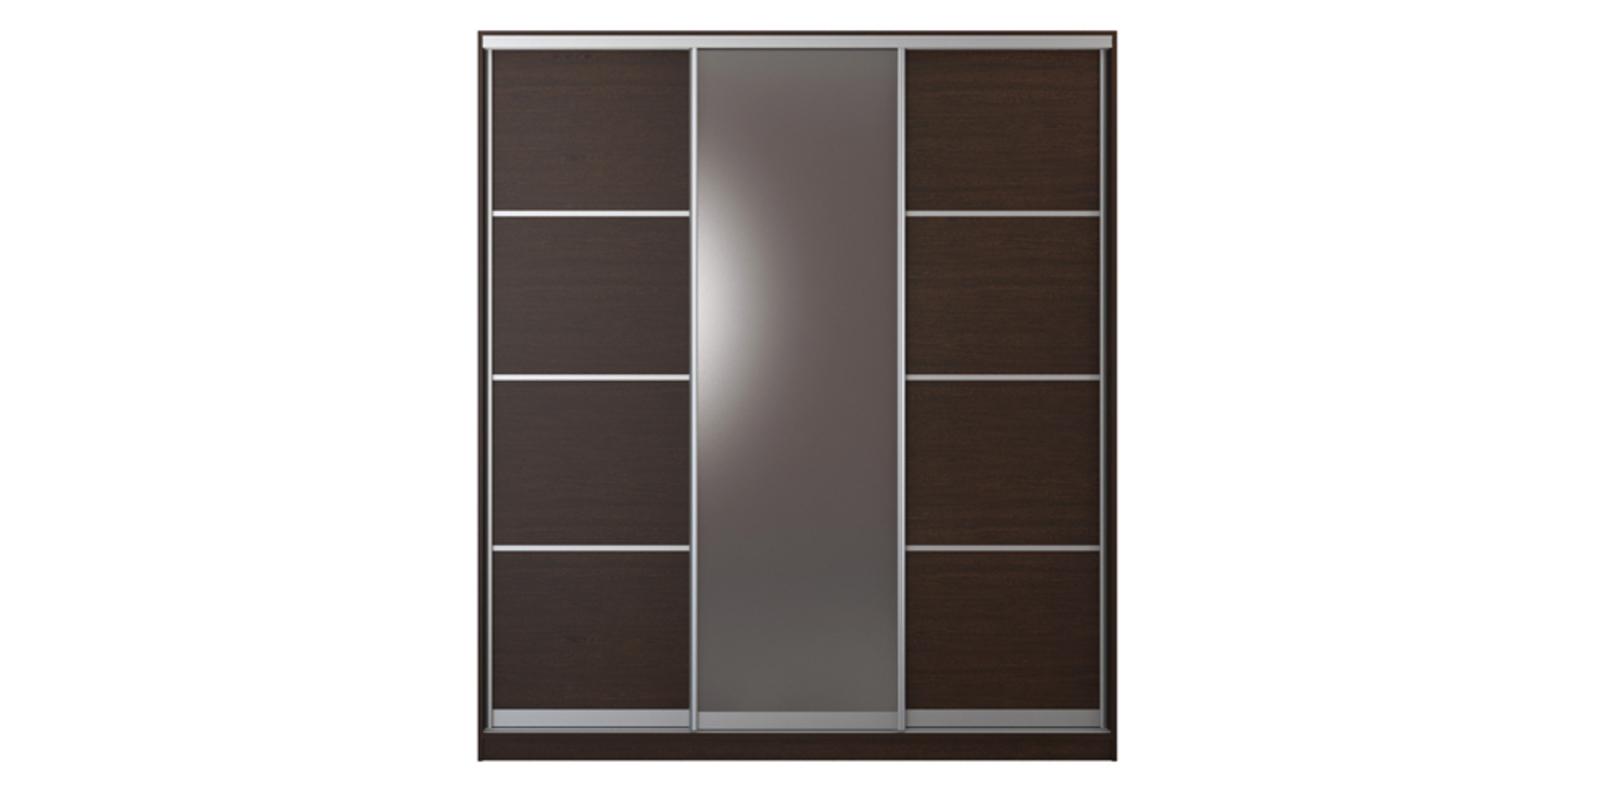 Купить шкаф-купе трехдверный манхеттен 210 см (венге+зеркало.